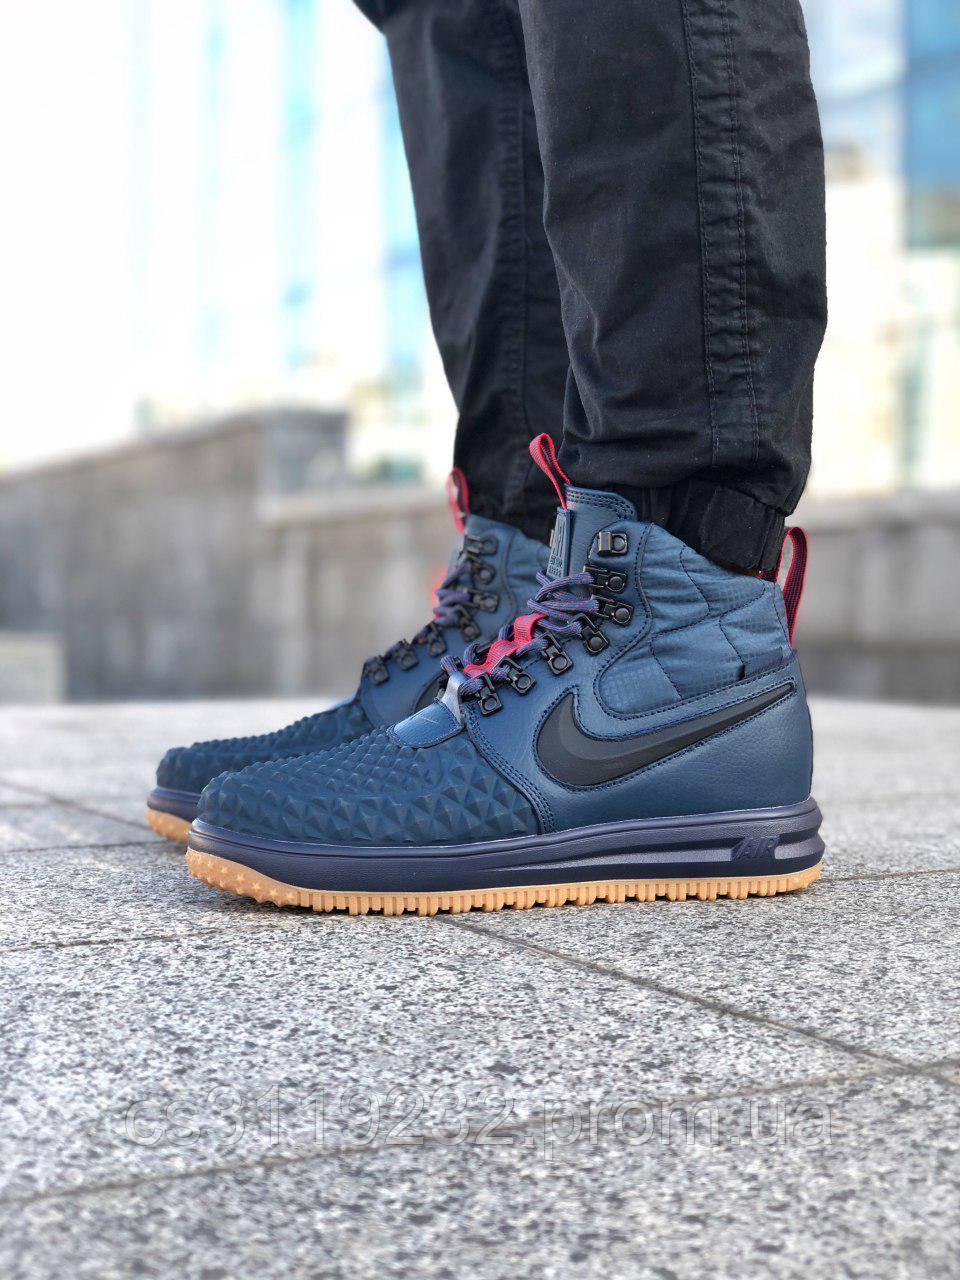 Чоловічі кросівки Nike Lunar Force 1 Duckboot 17 (сині)